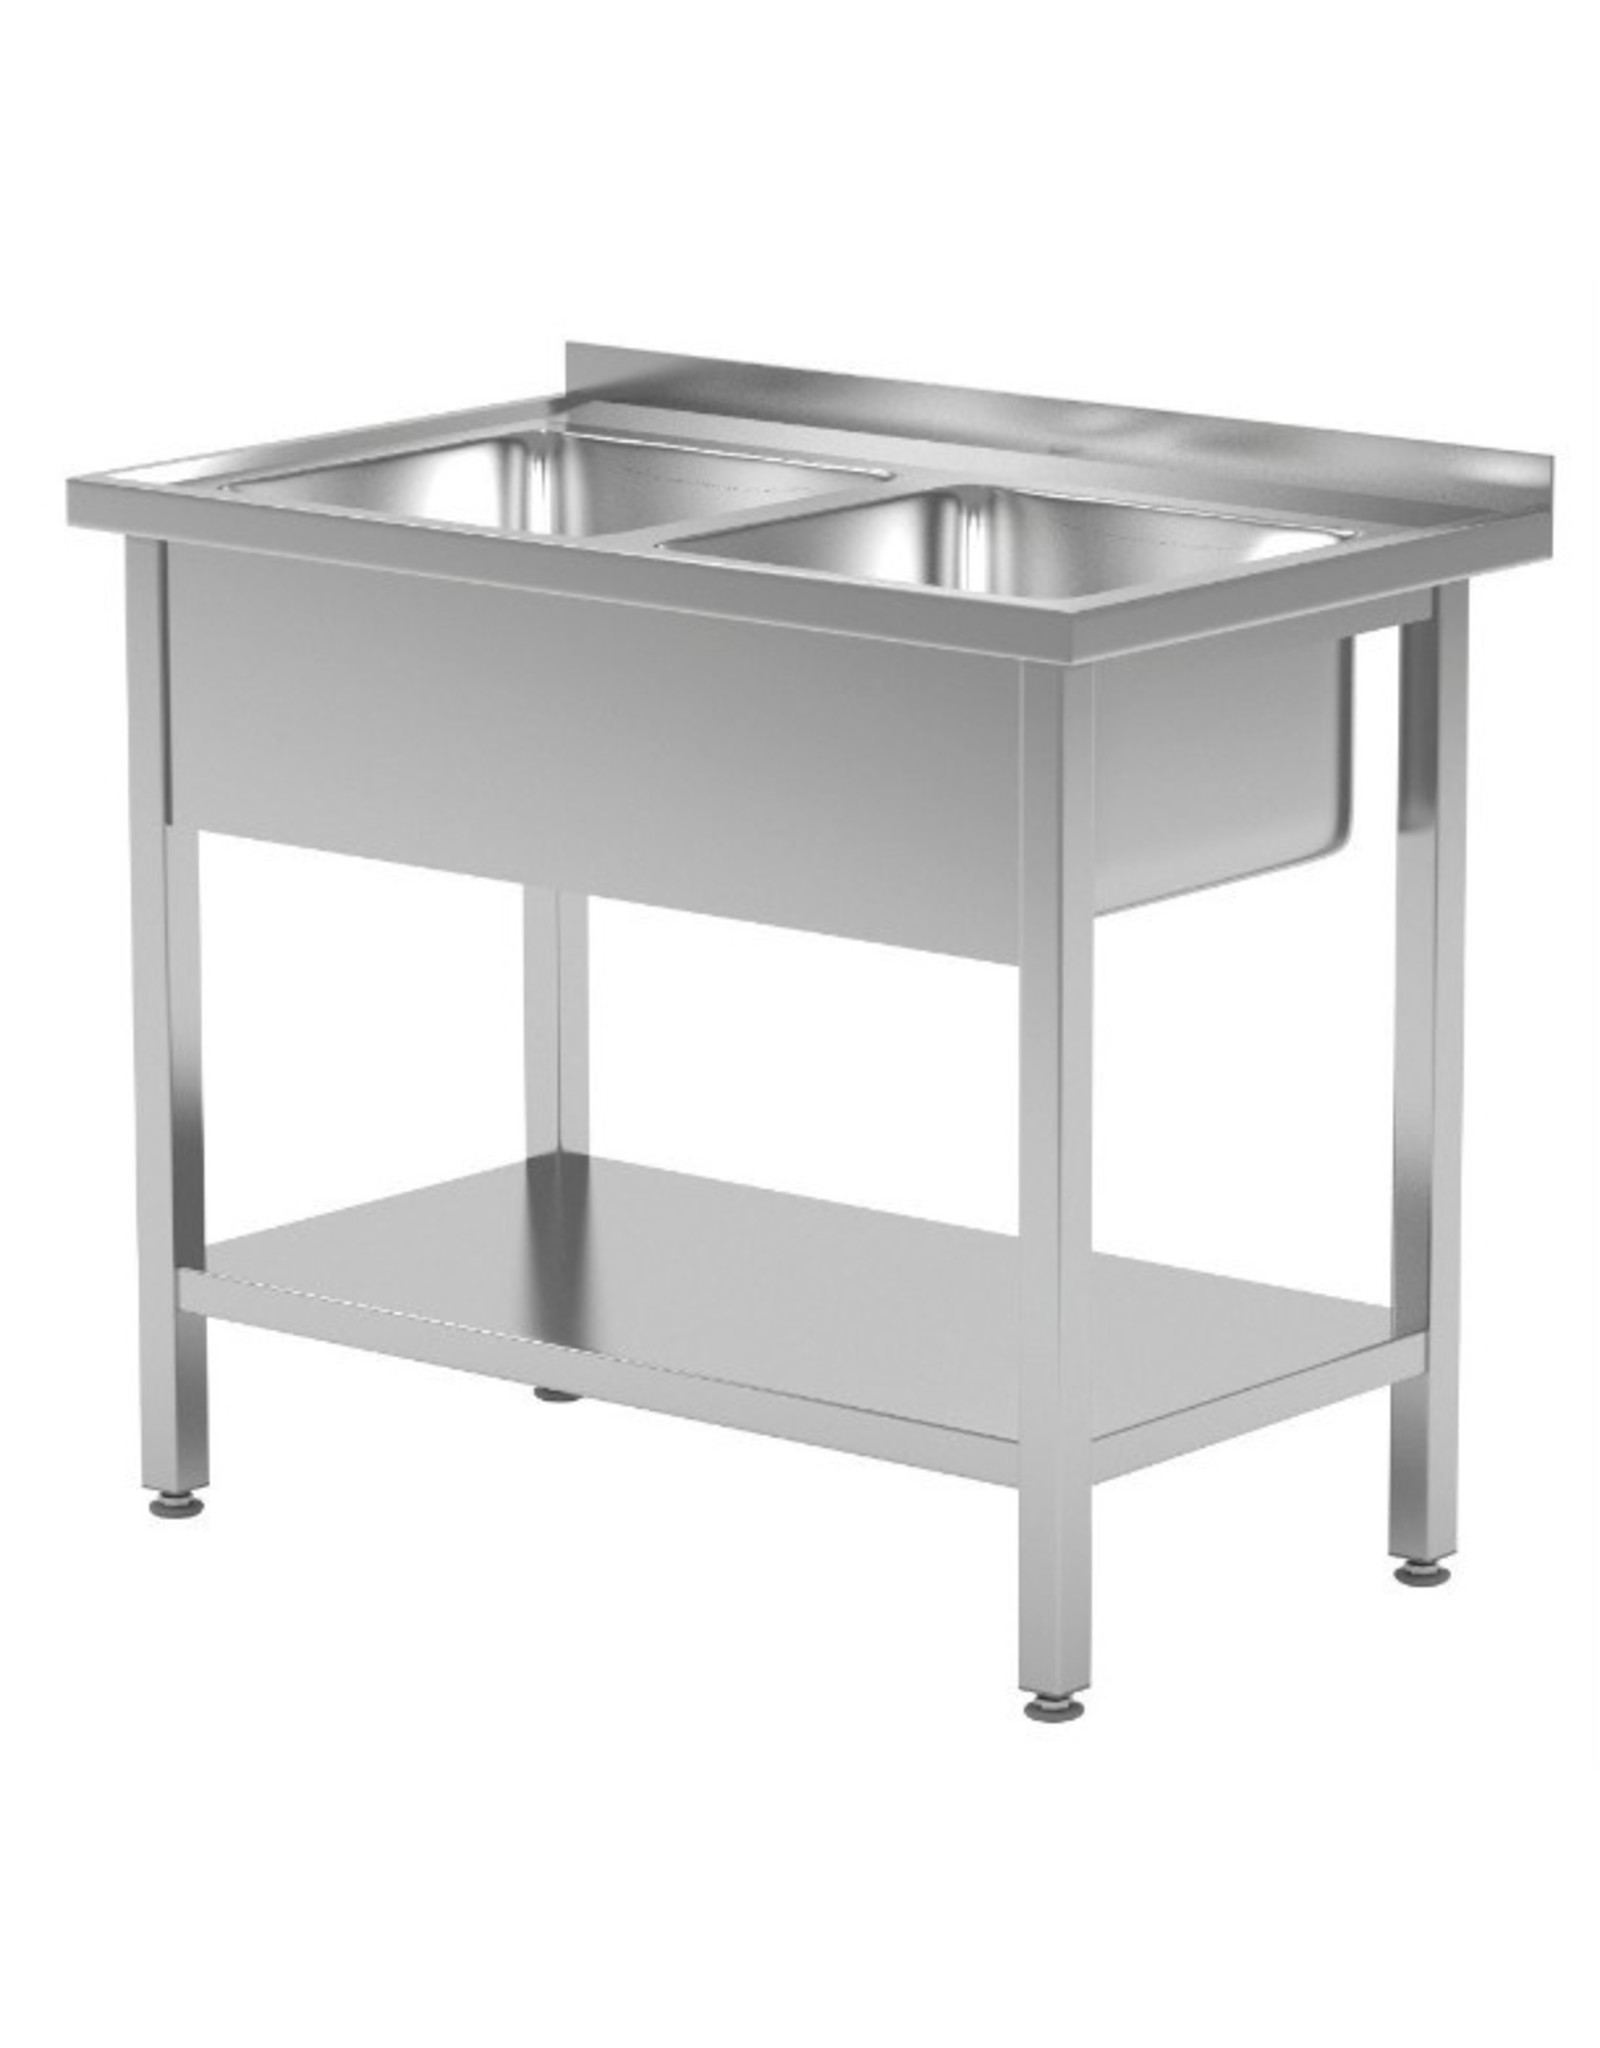 Spoeltafel met 2 grote spoelbakken | met onderplank | 1000mm breed | 600 of 700mm diep